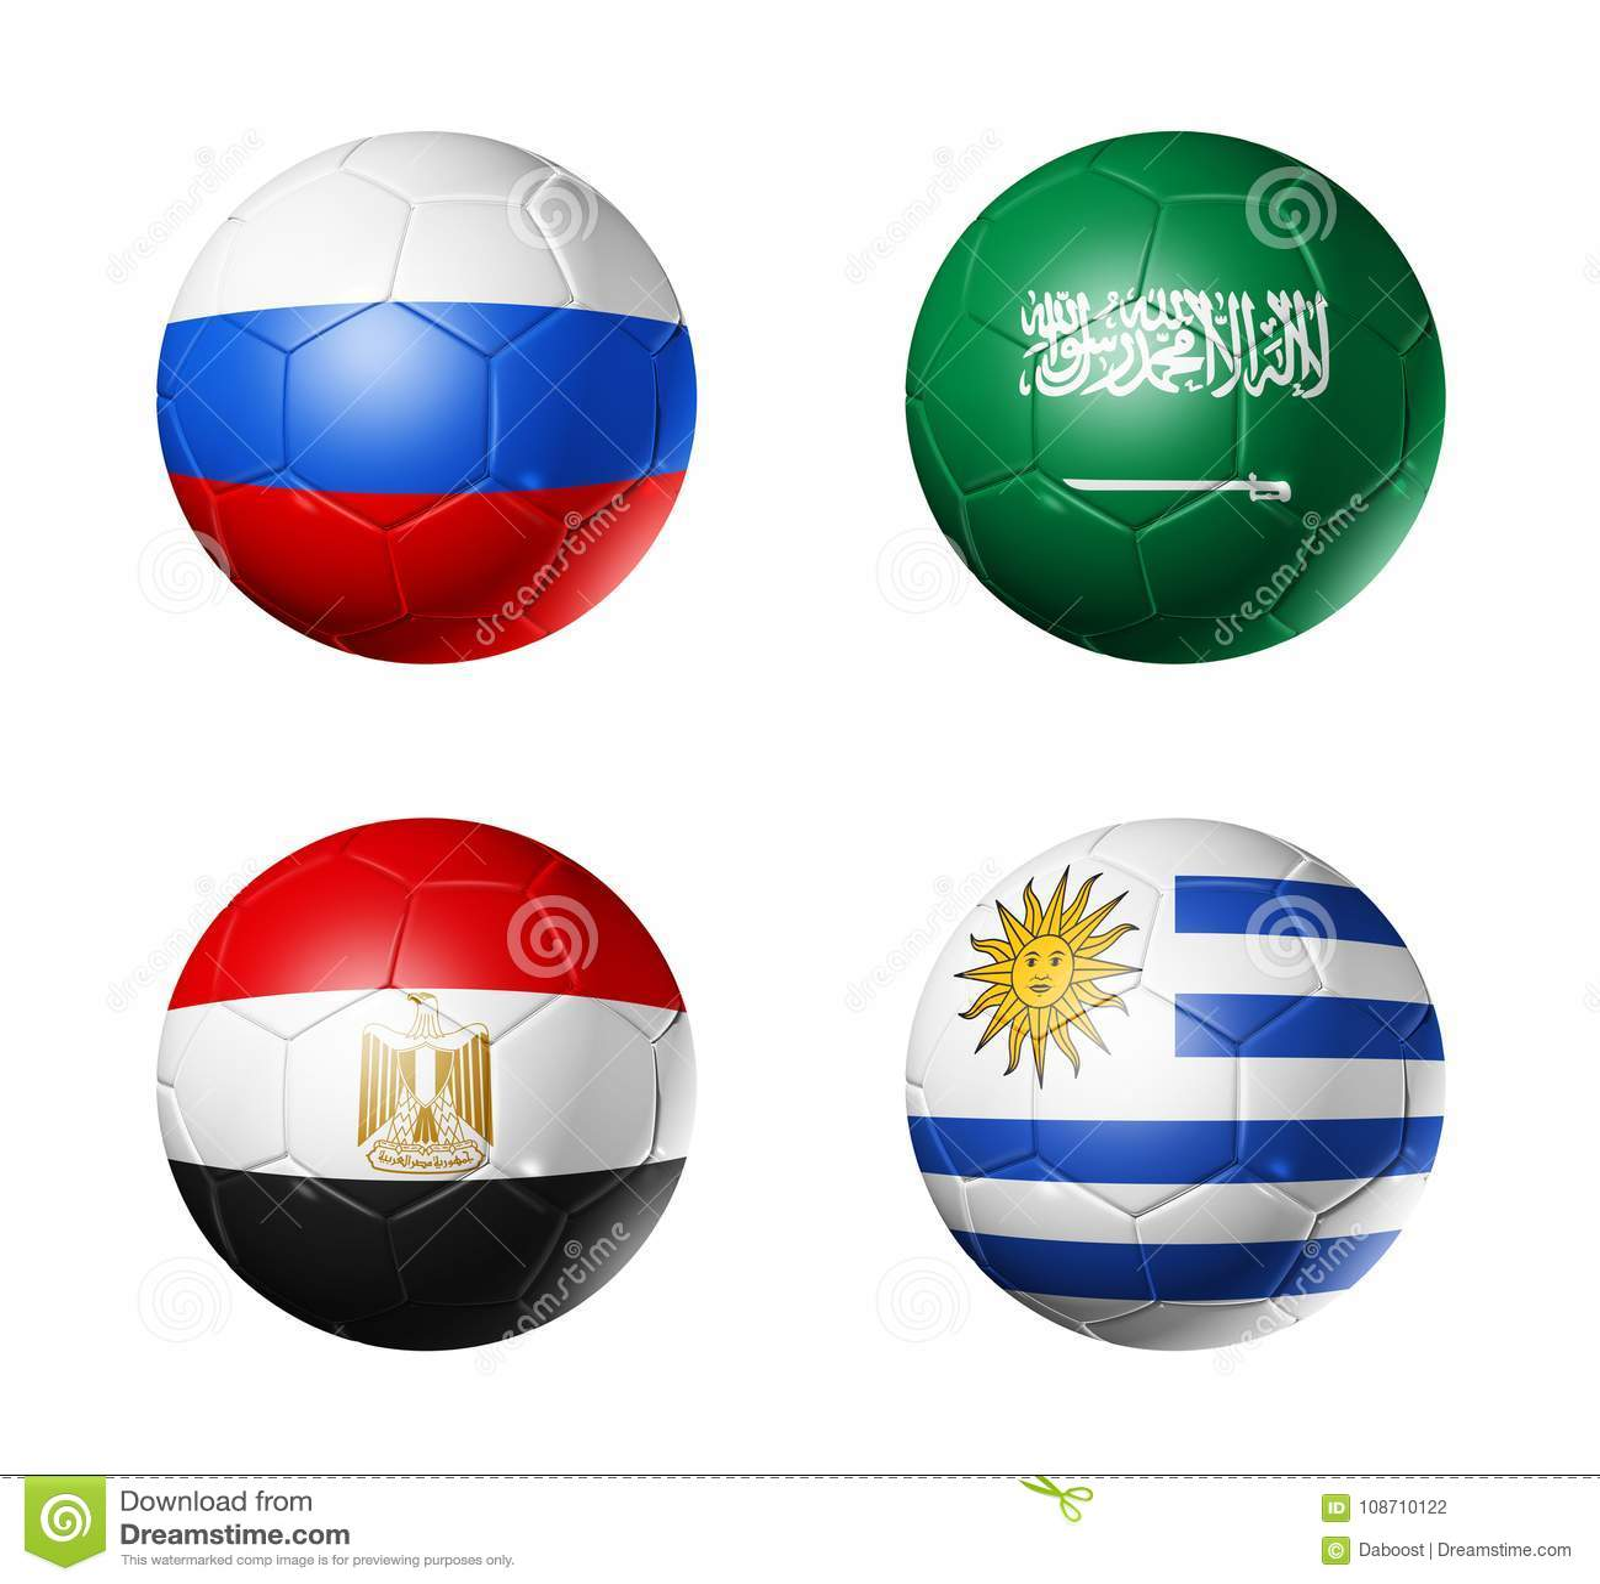 Le football de la Russie drapeaux de 2018 groupes A sur des ballons de football